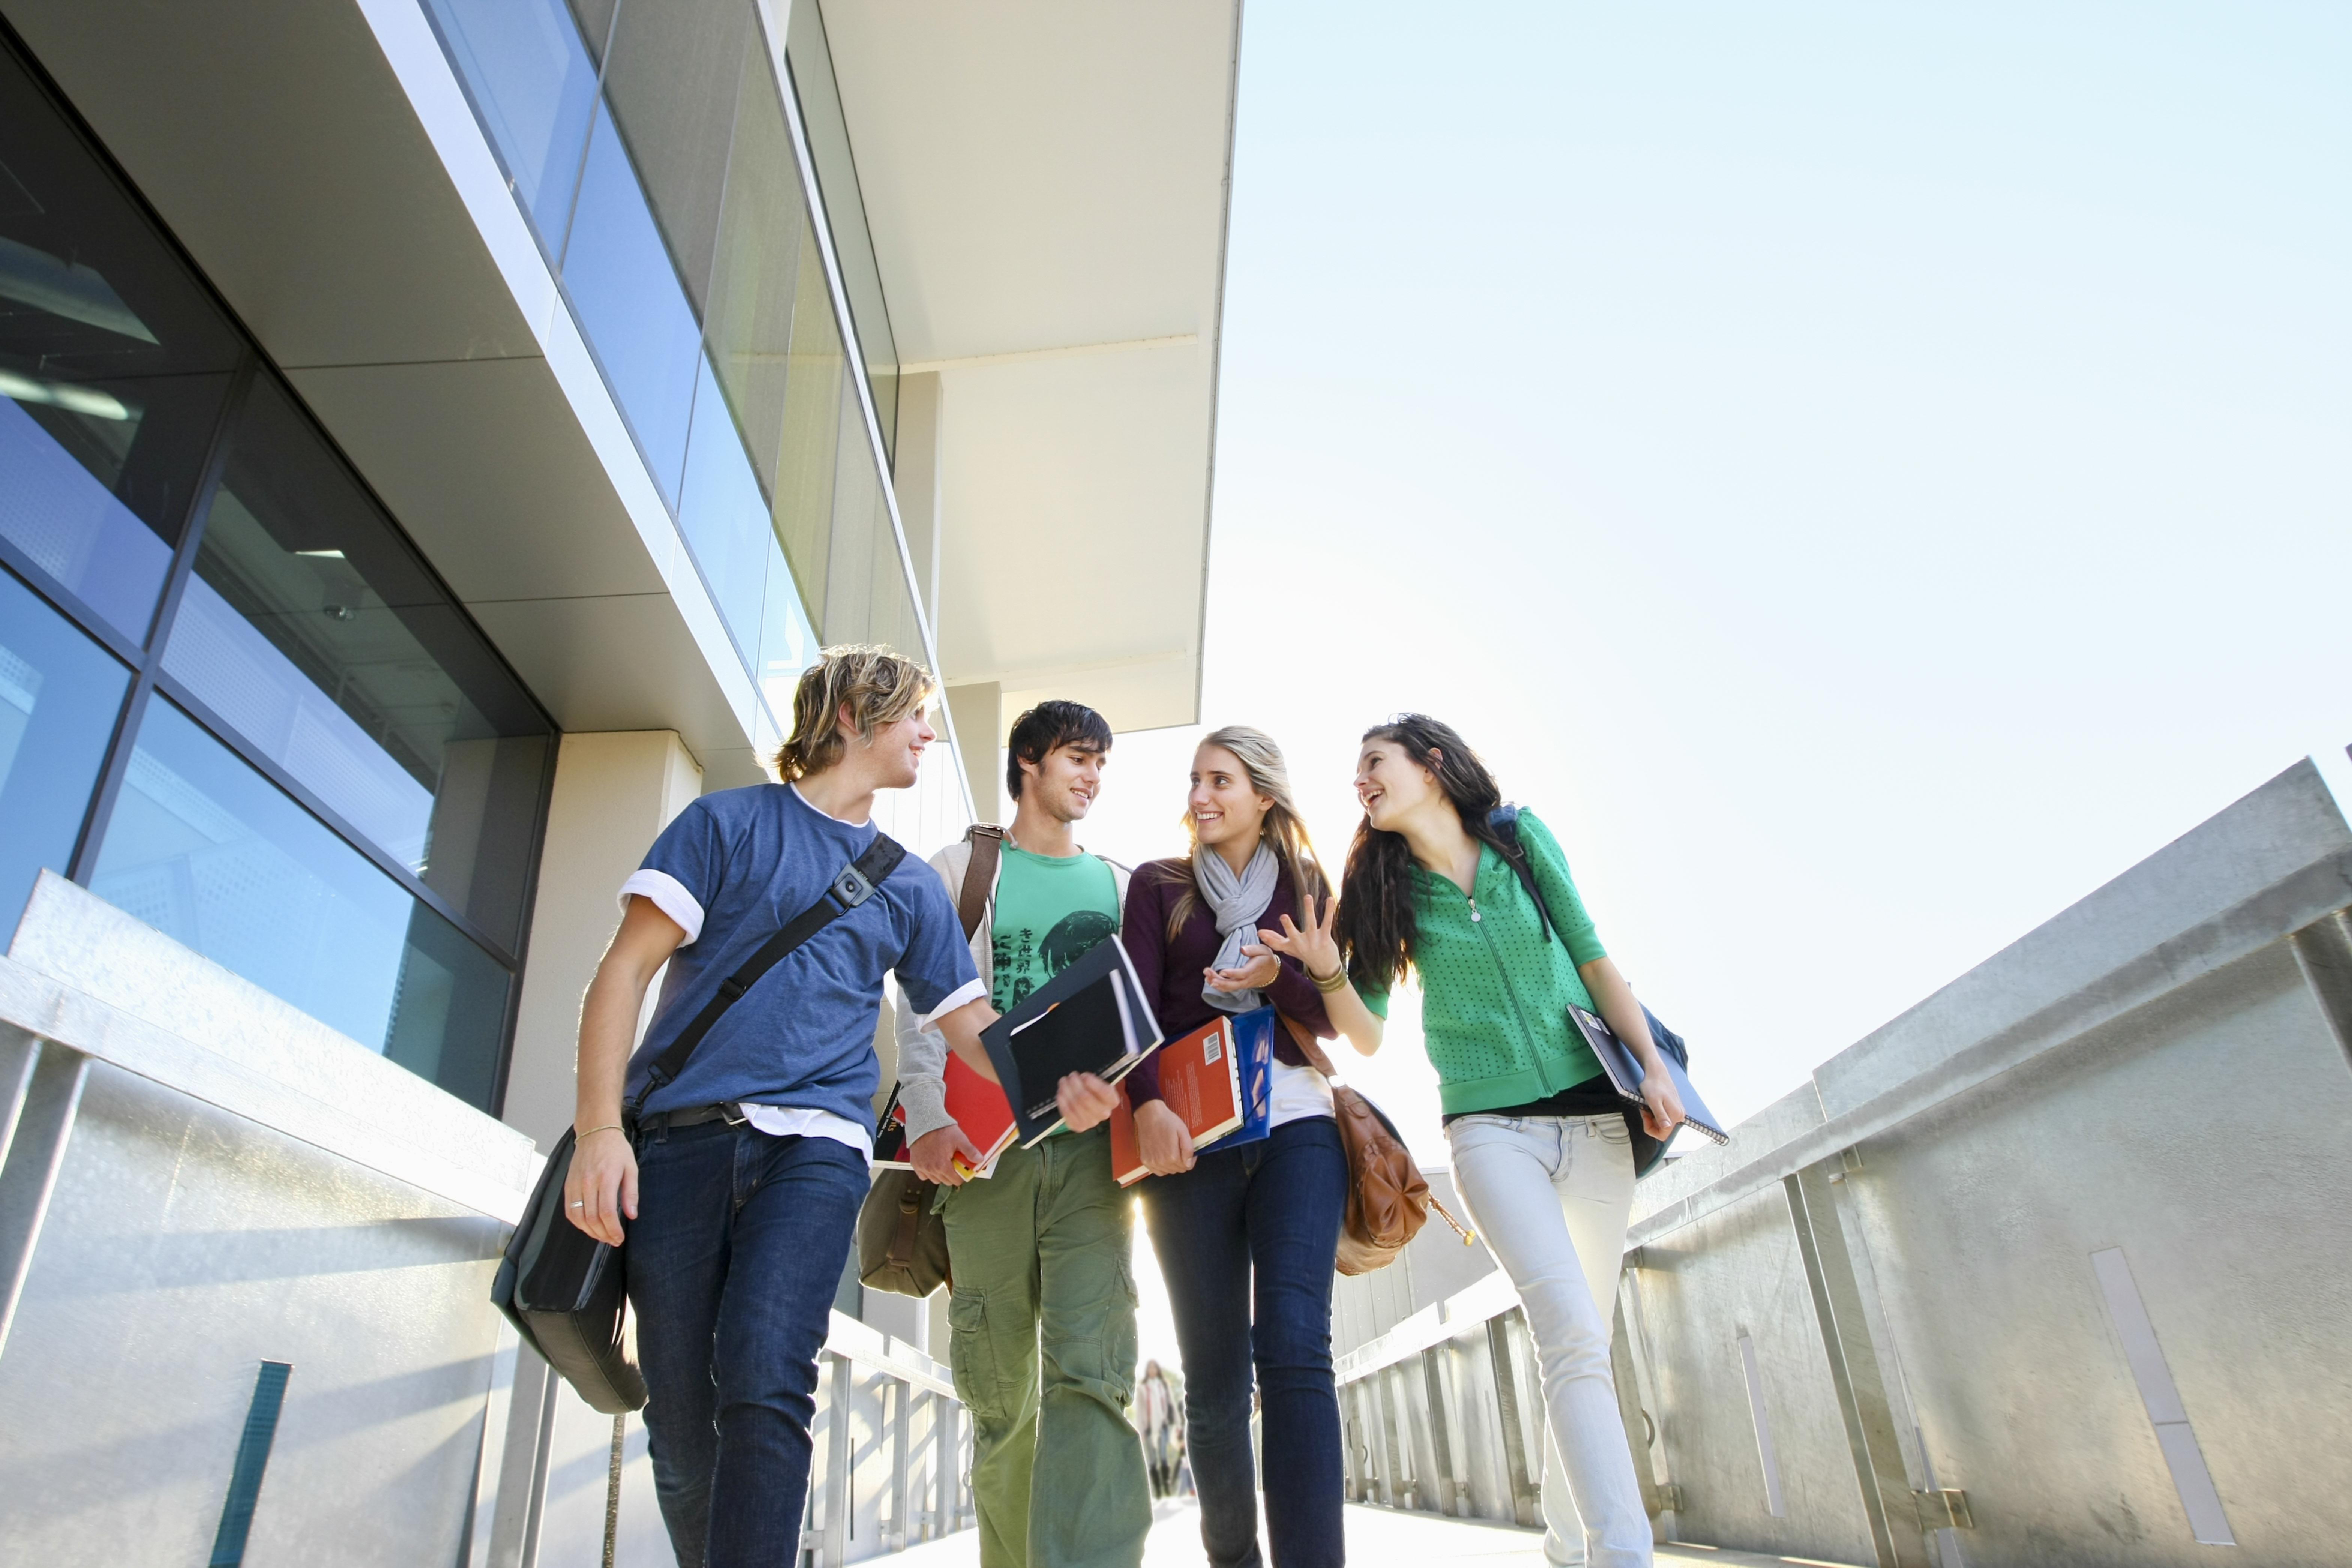 Молодые люди, которые могут оформить студенческую визу в Великобритании